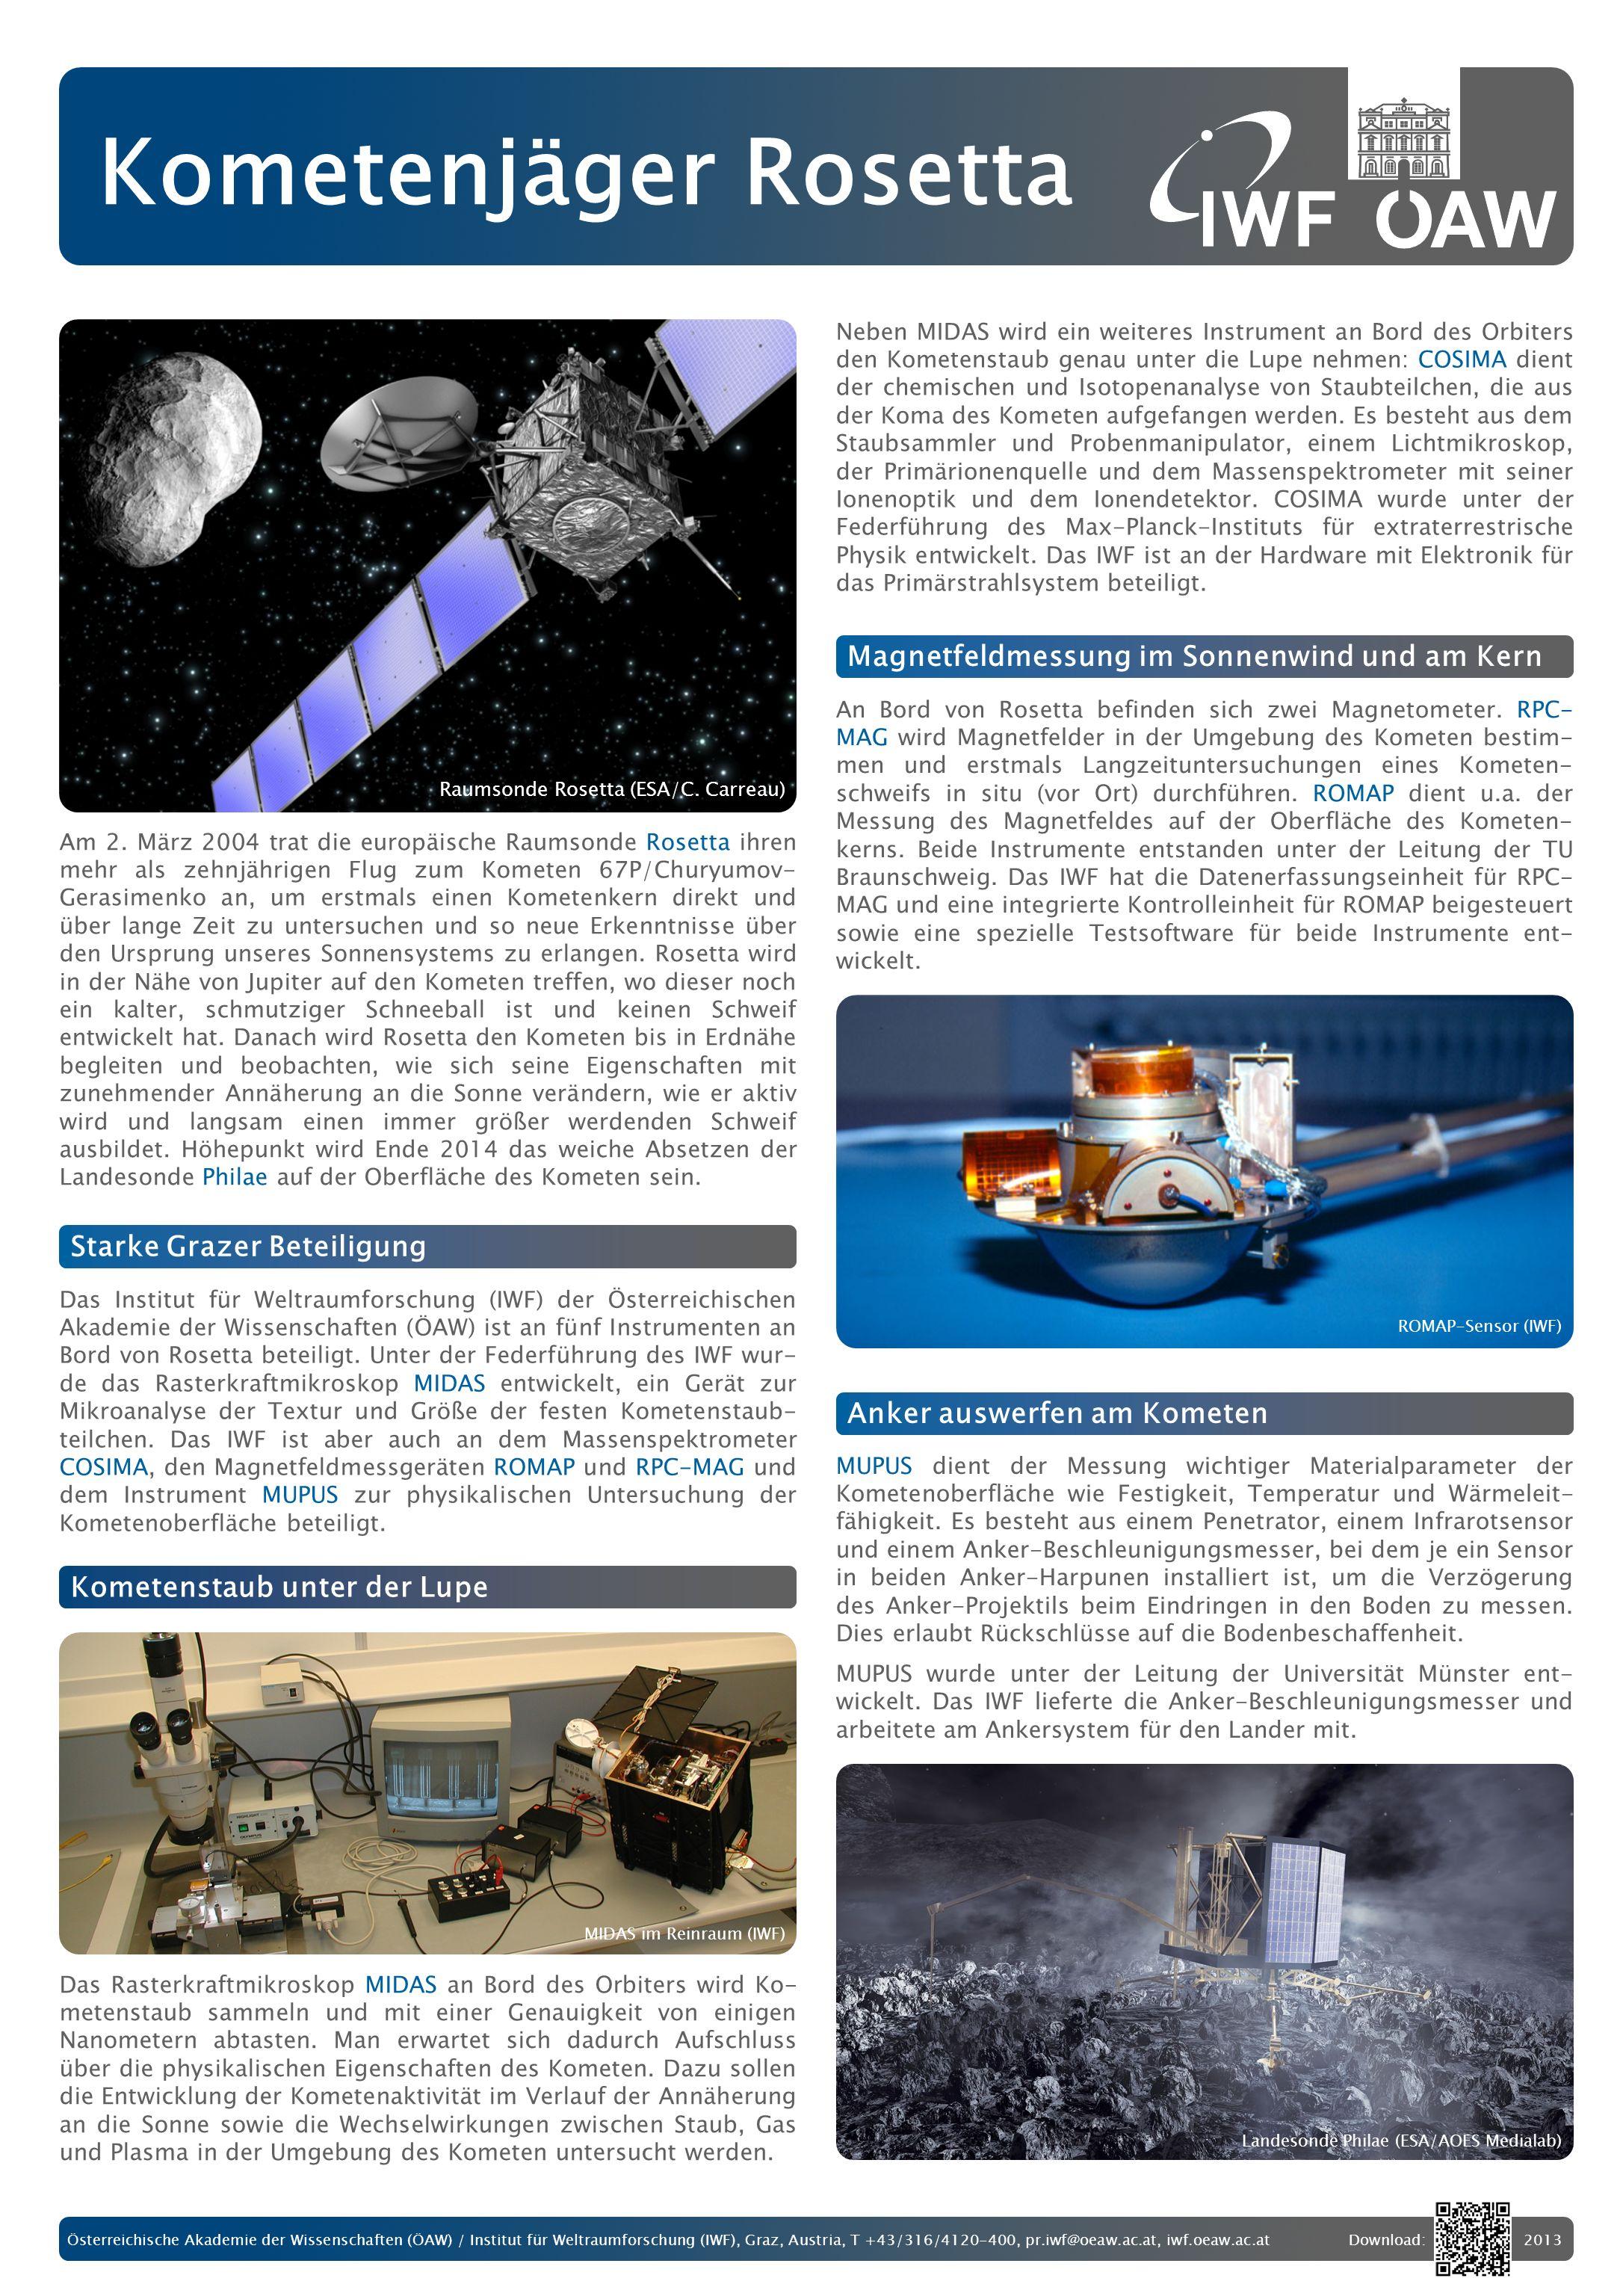 Österreichische Akademie der Wissenschaften (ÖAW) / Institut für Weltraumforschung (IWF), Graz, Austria, T +43/316/4120-400, pr.iwf@oeaw.ac.at, iwf.oe